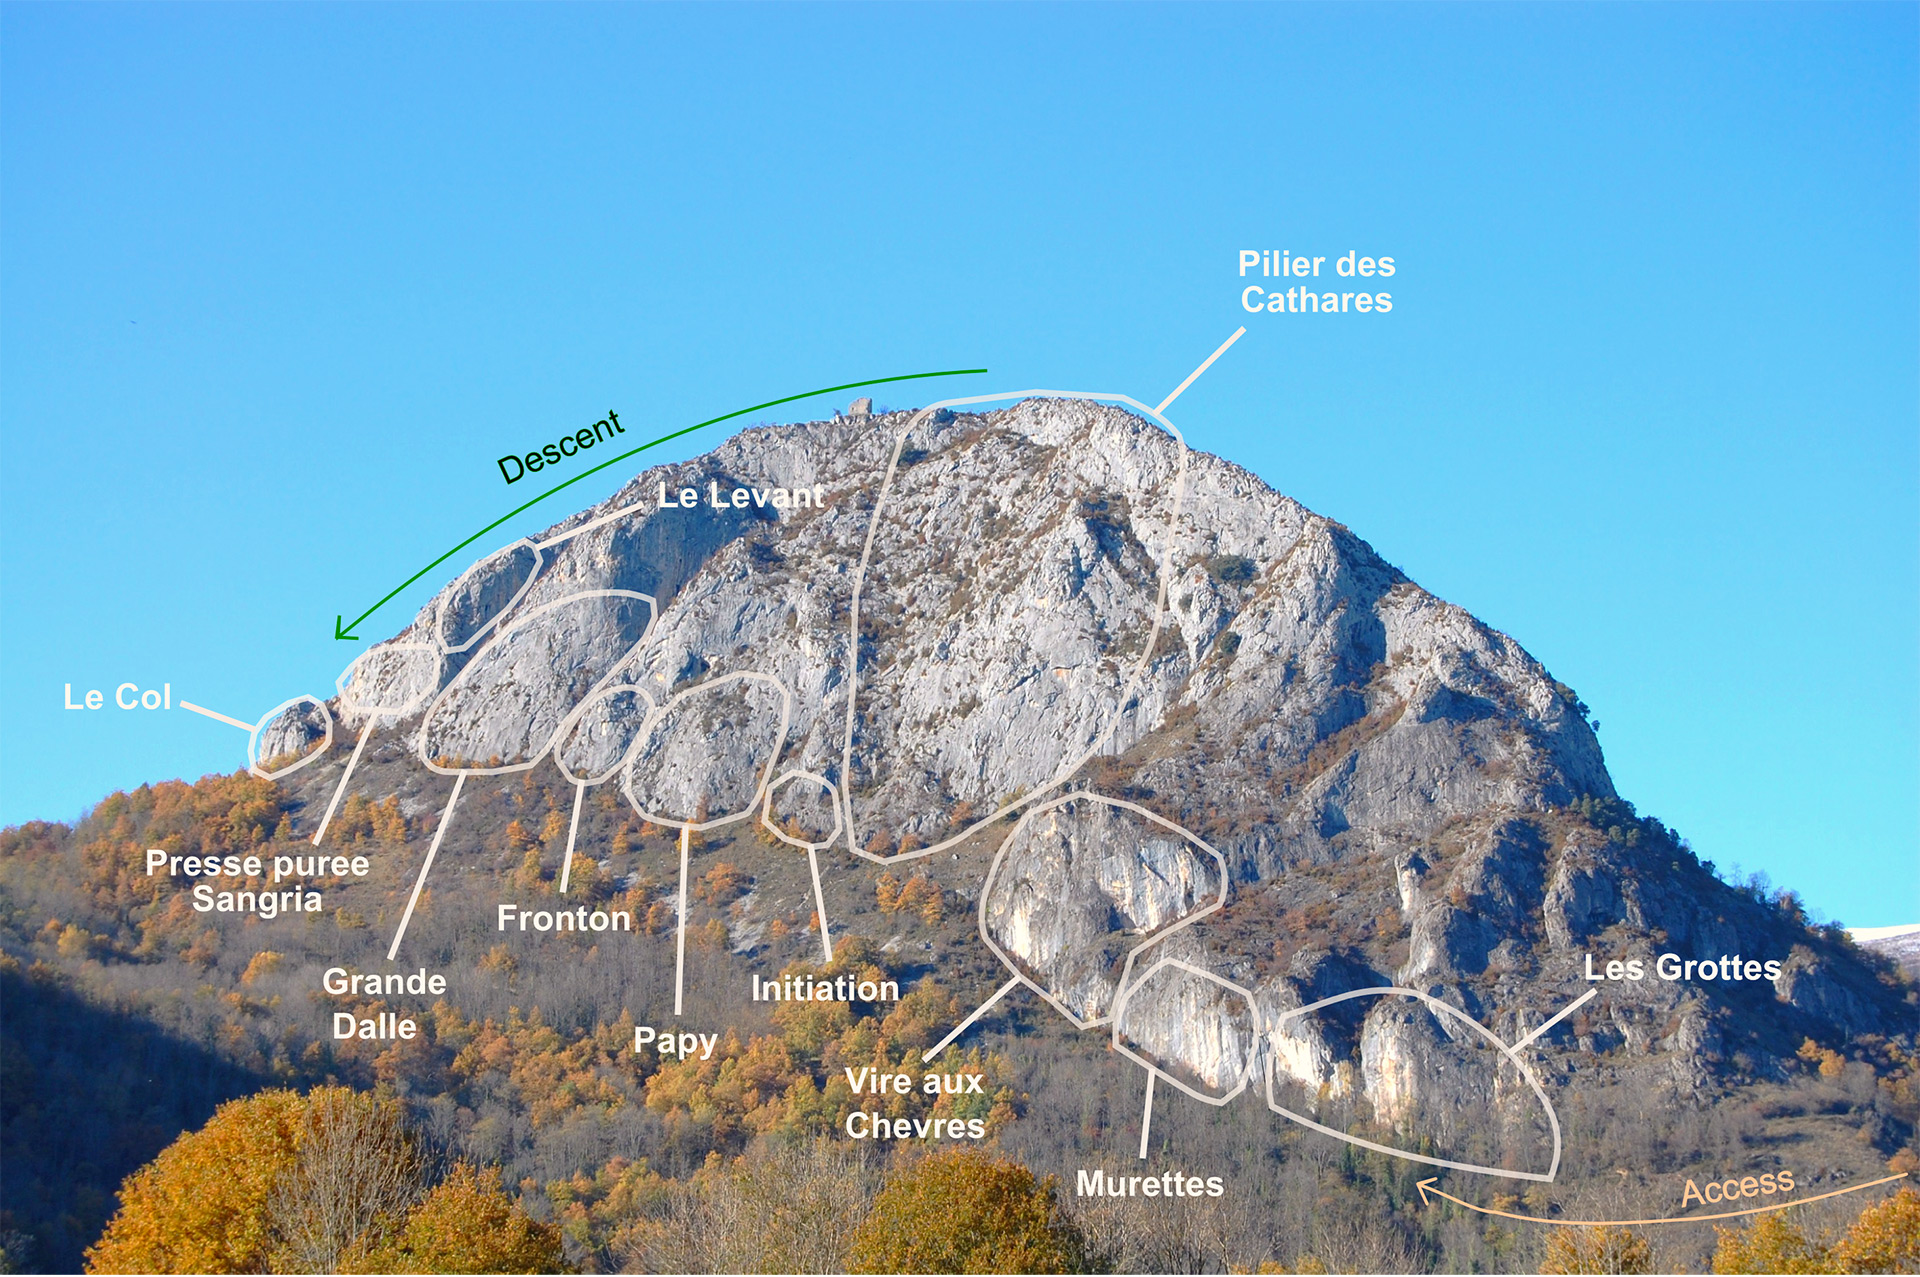 Climbing plan of Calames Mountain